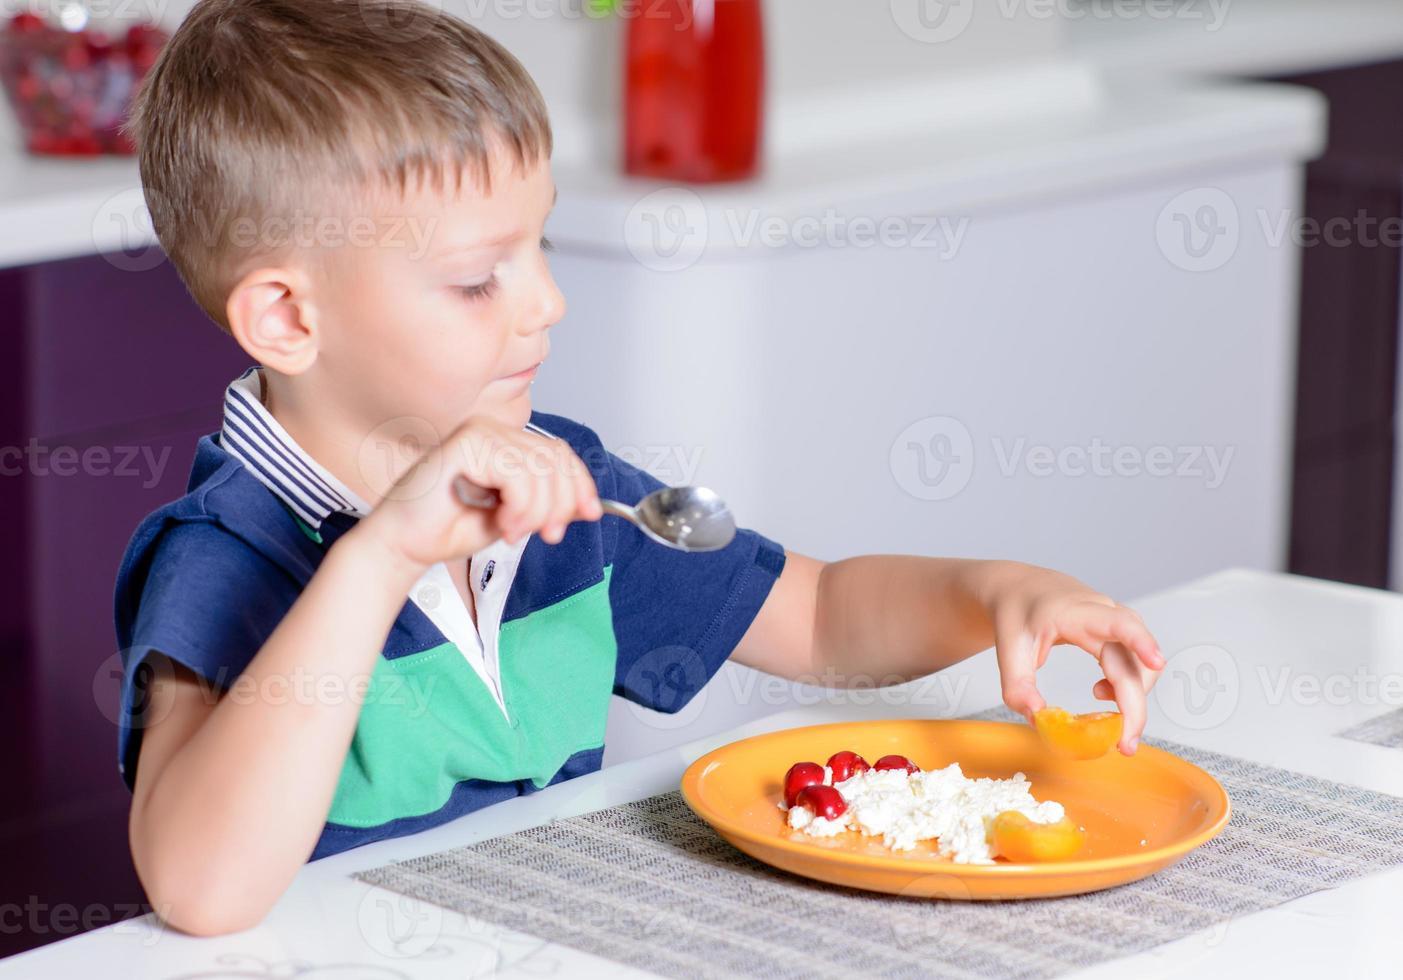 Junge, der Teller mit Käse und Obst isst foto